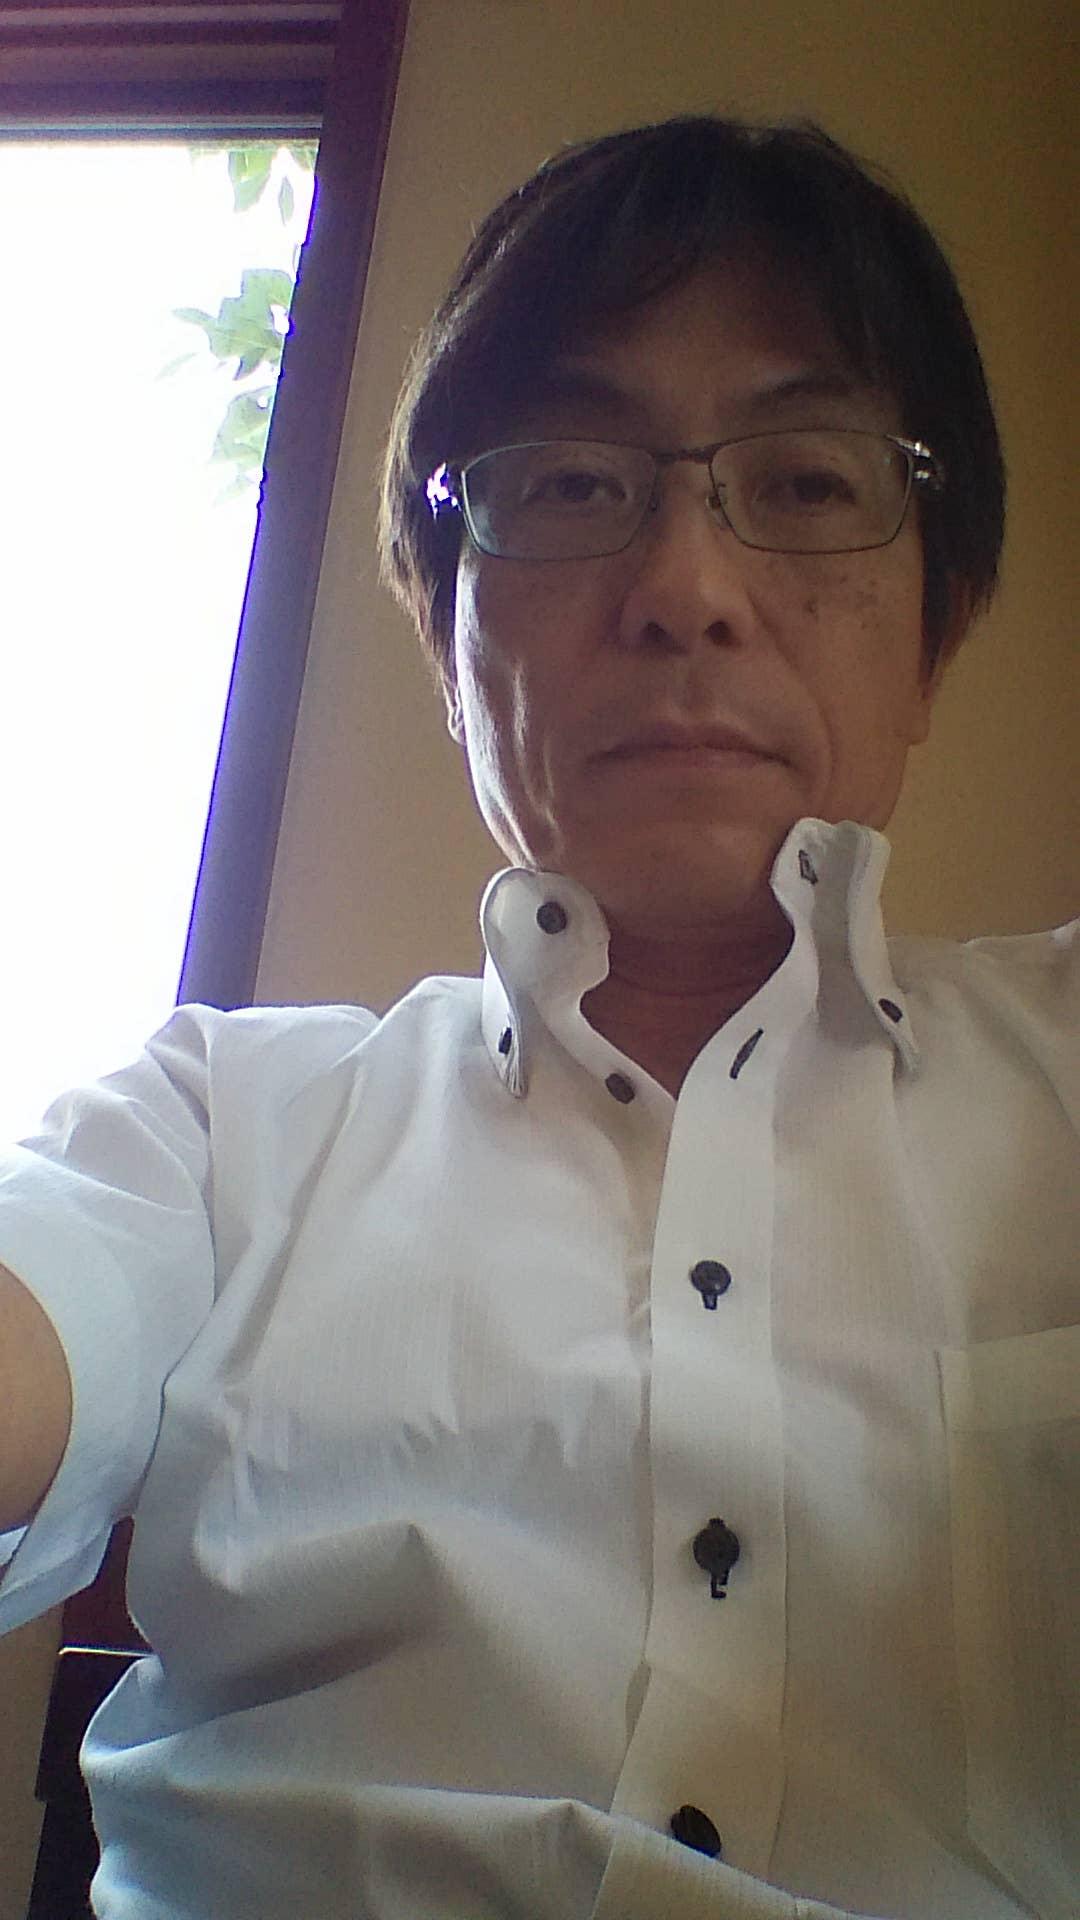 kazuhiro n